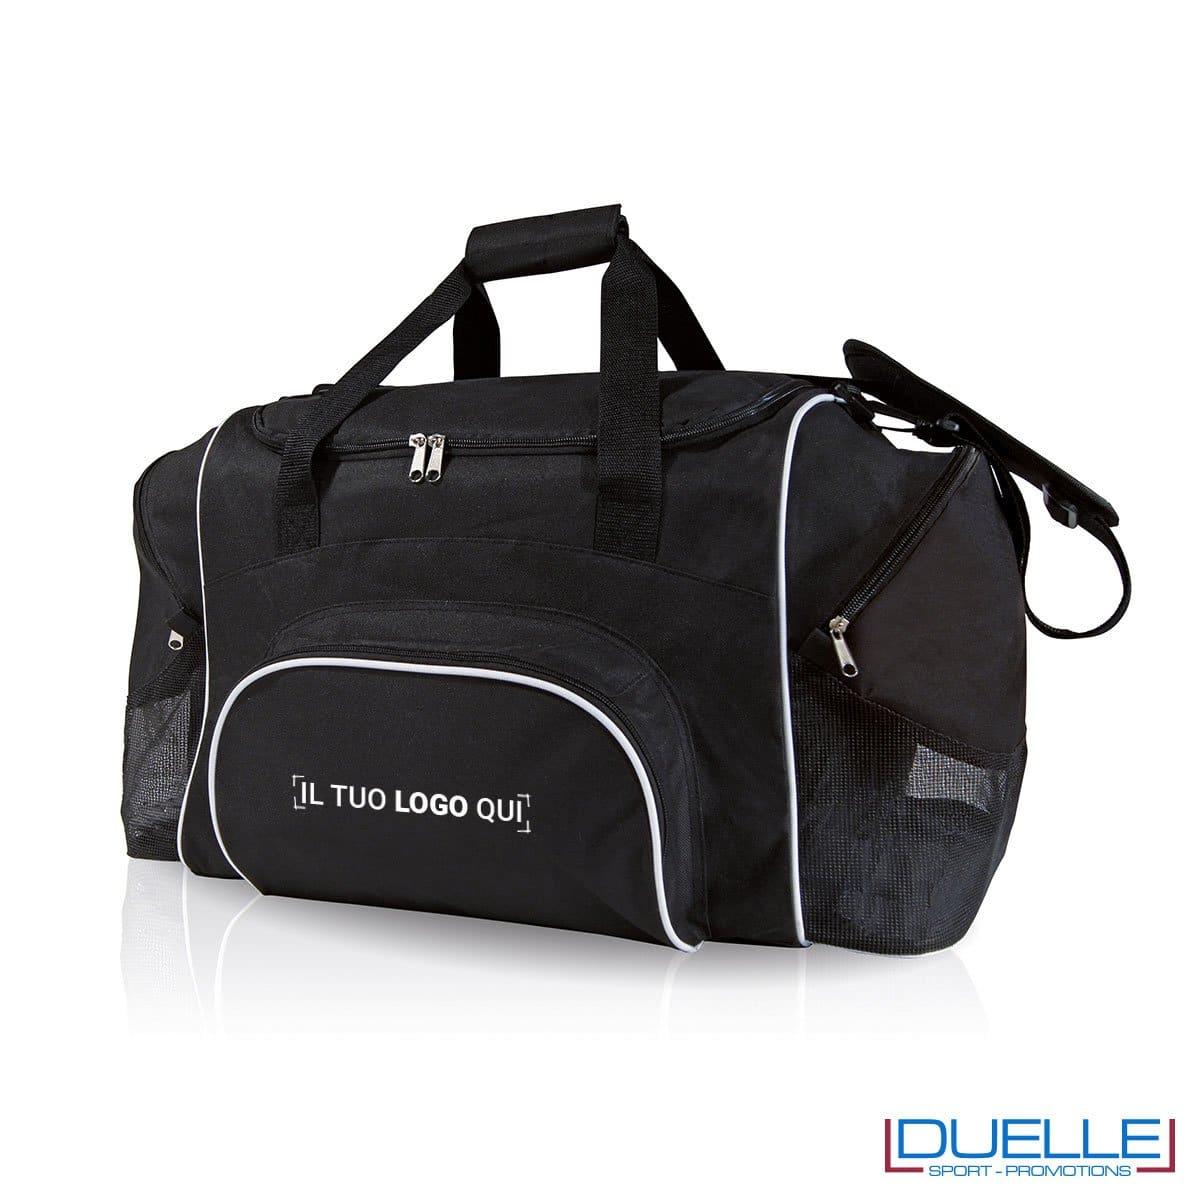 borsa sportiva personalizzata con portascarpe in colore nero, borsoni sportivi personalizzabili neri